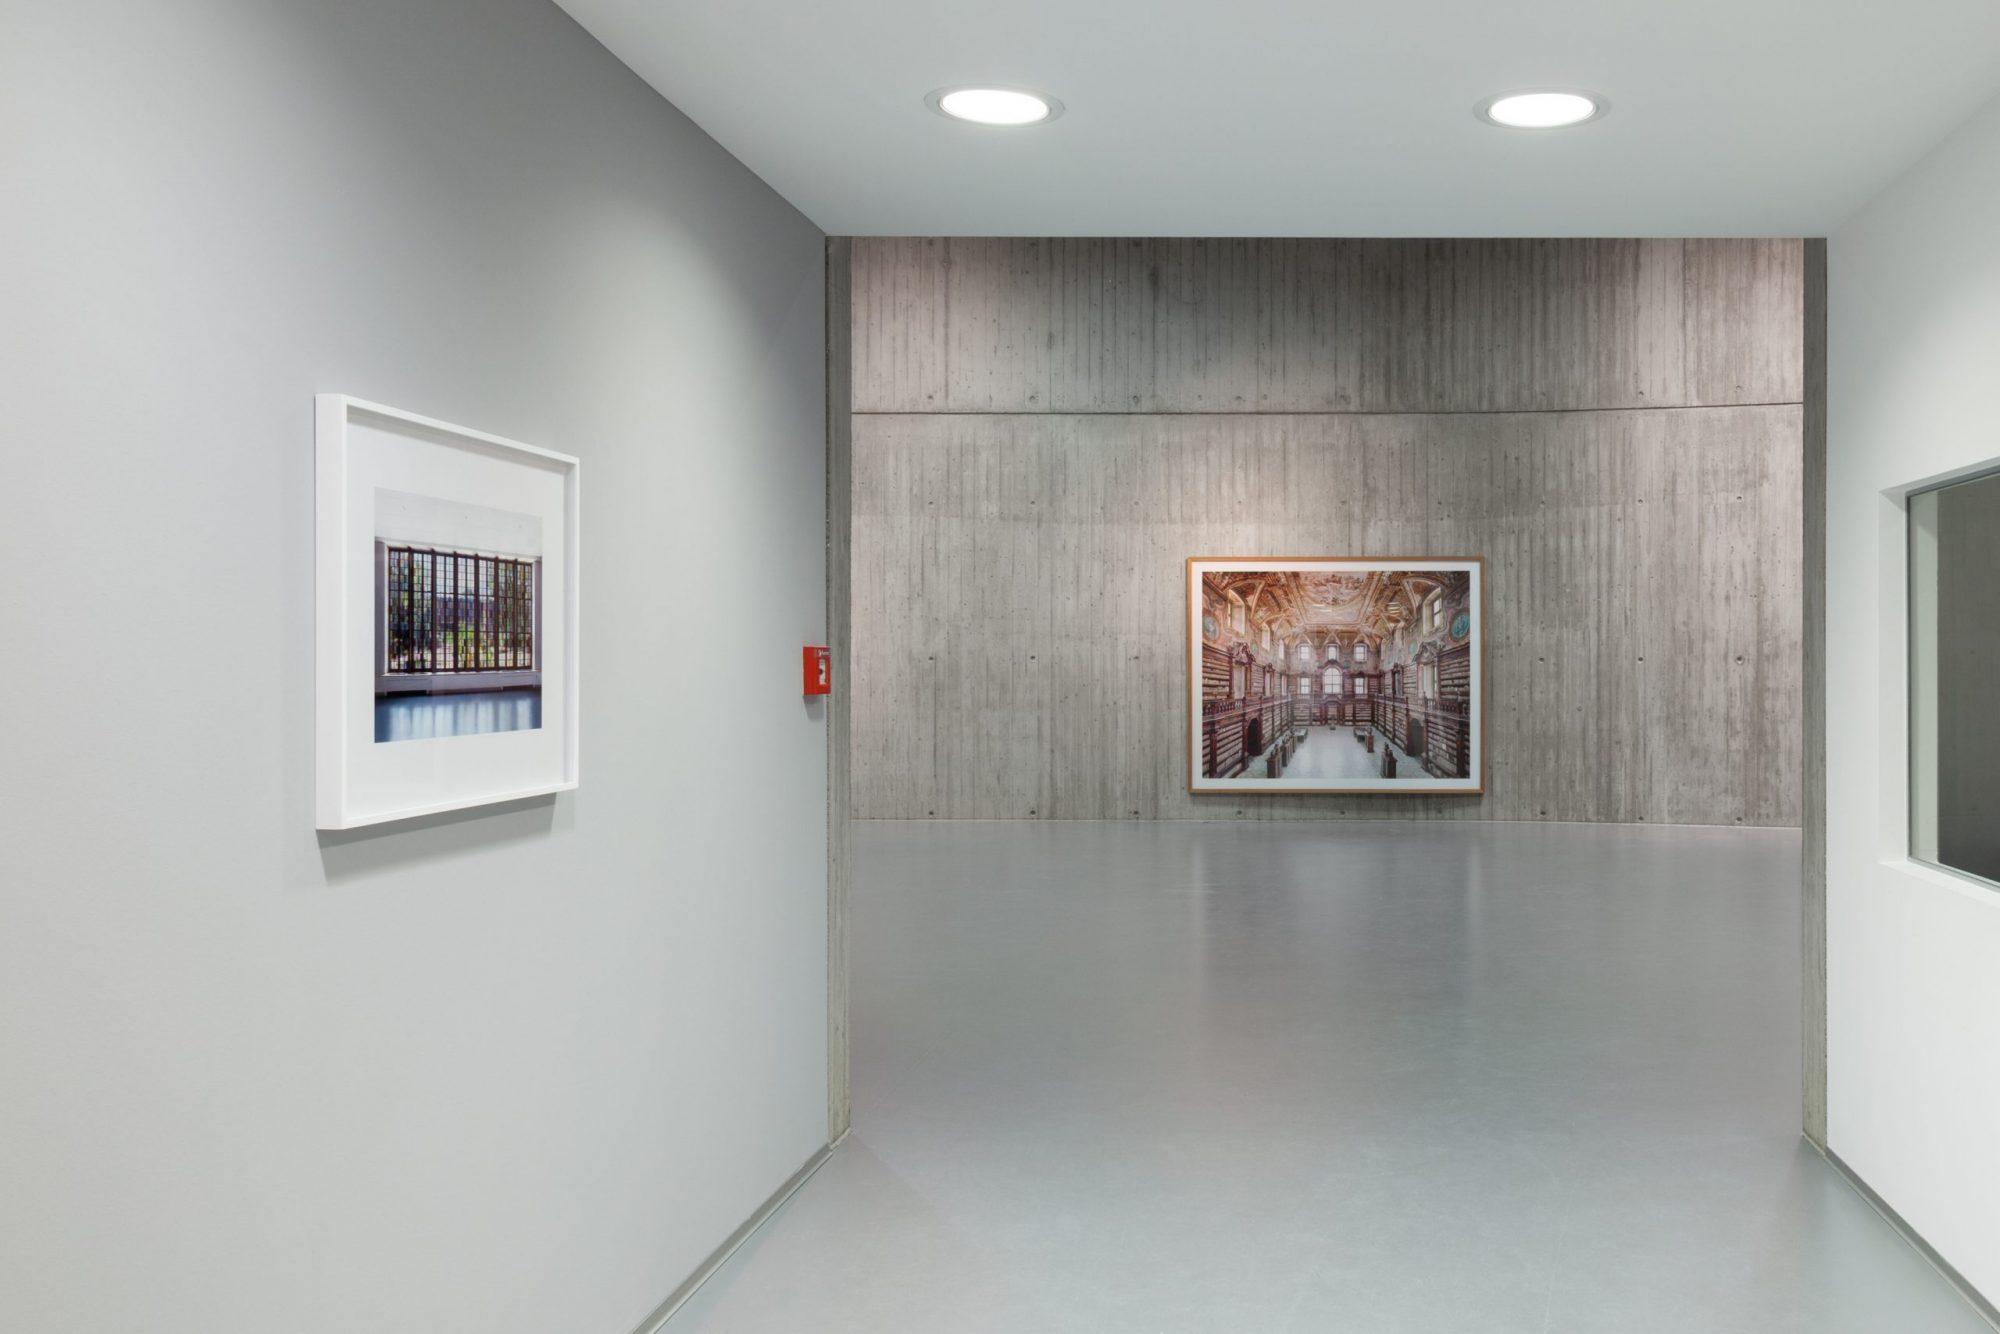 »Candida Höfer. Libraries: The Return«, Neue Galerie Gladbeck, 2020 © Hanne Brandt